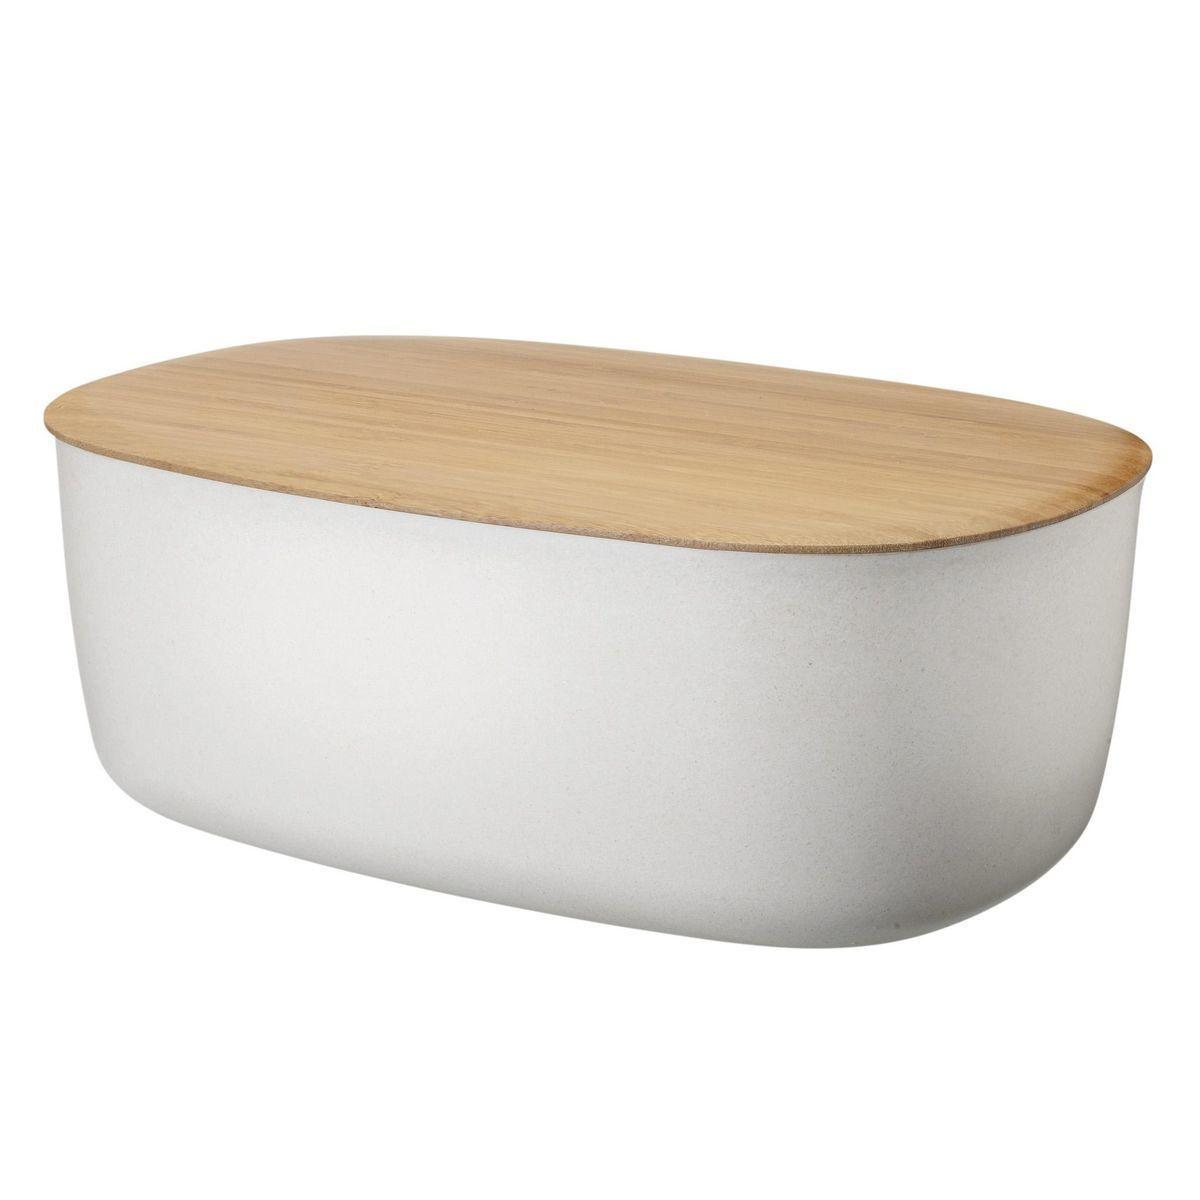 rig tig box it bread box rig tig. Black Bedroom Furniture Sets. Home Design Ideas